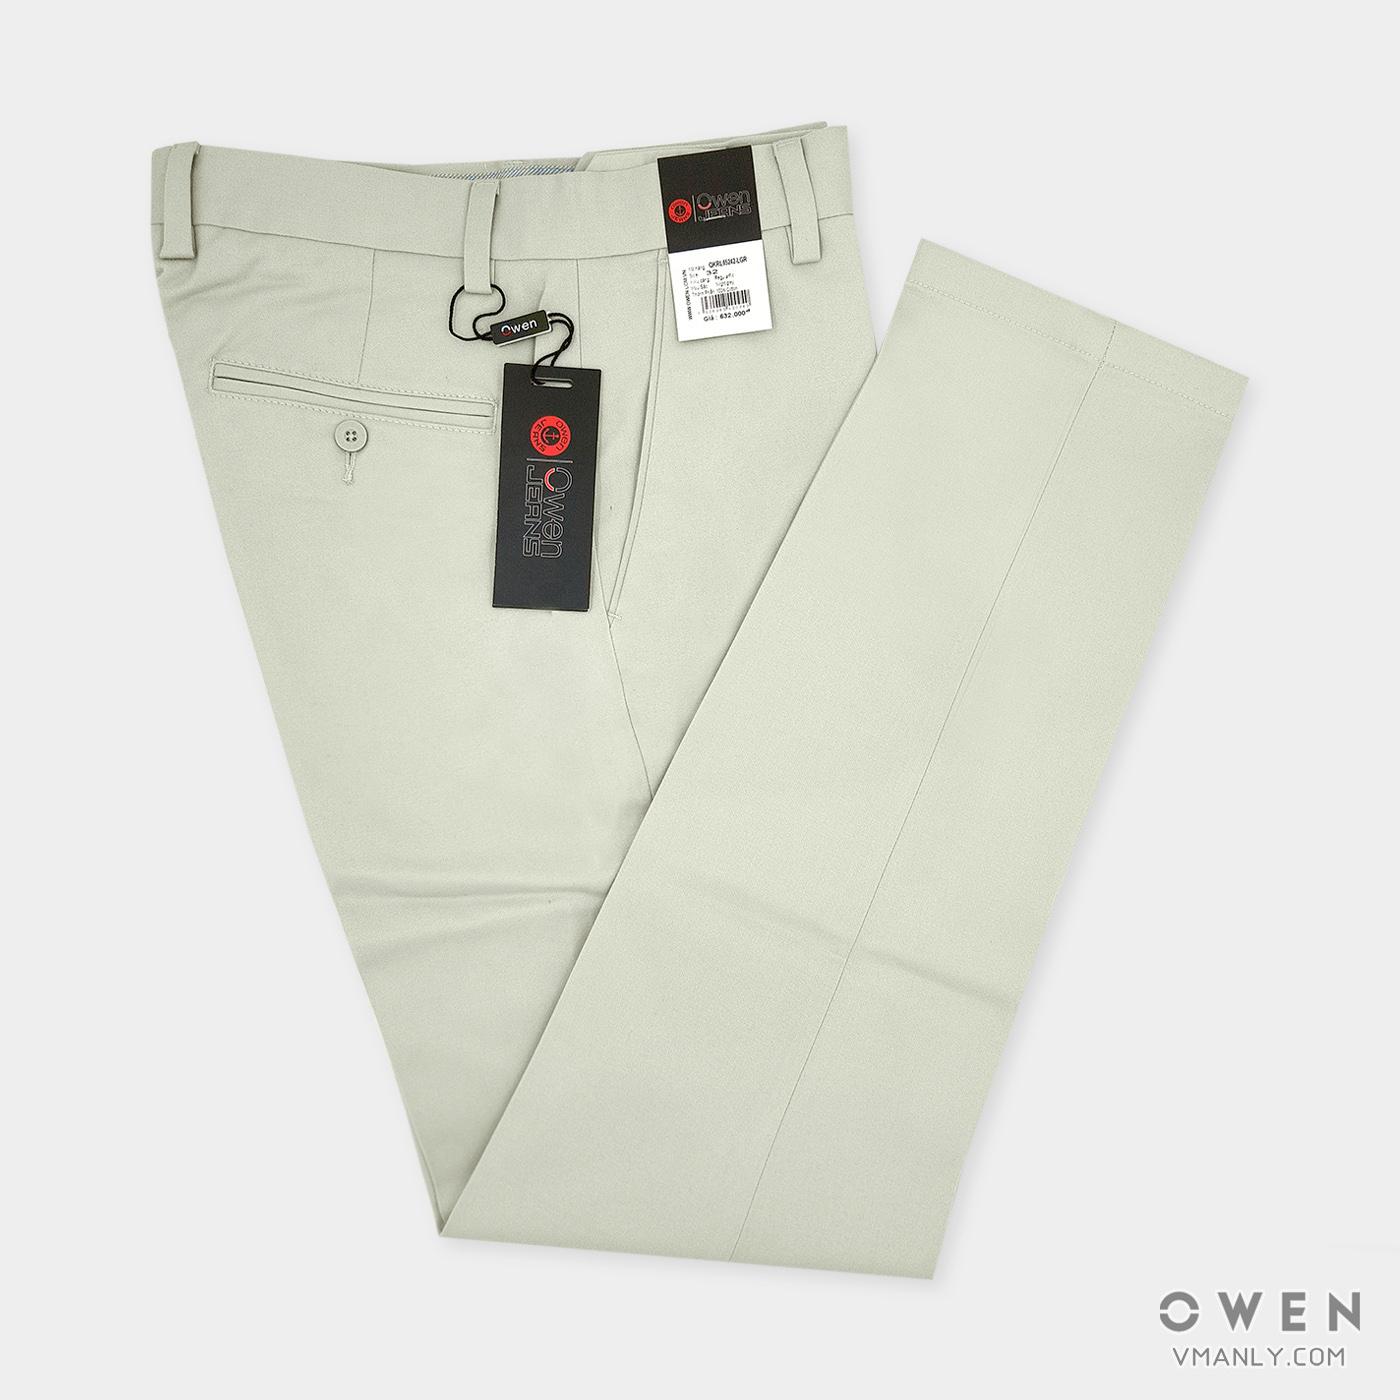 Quần kaki Owen không li regular-fit màu kem QKSL65242